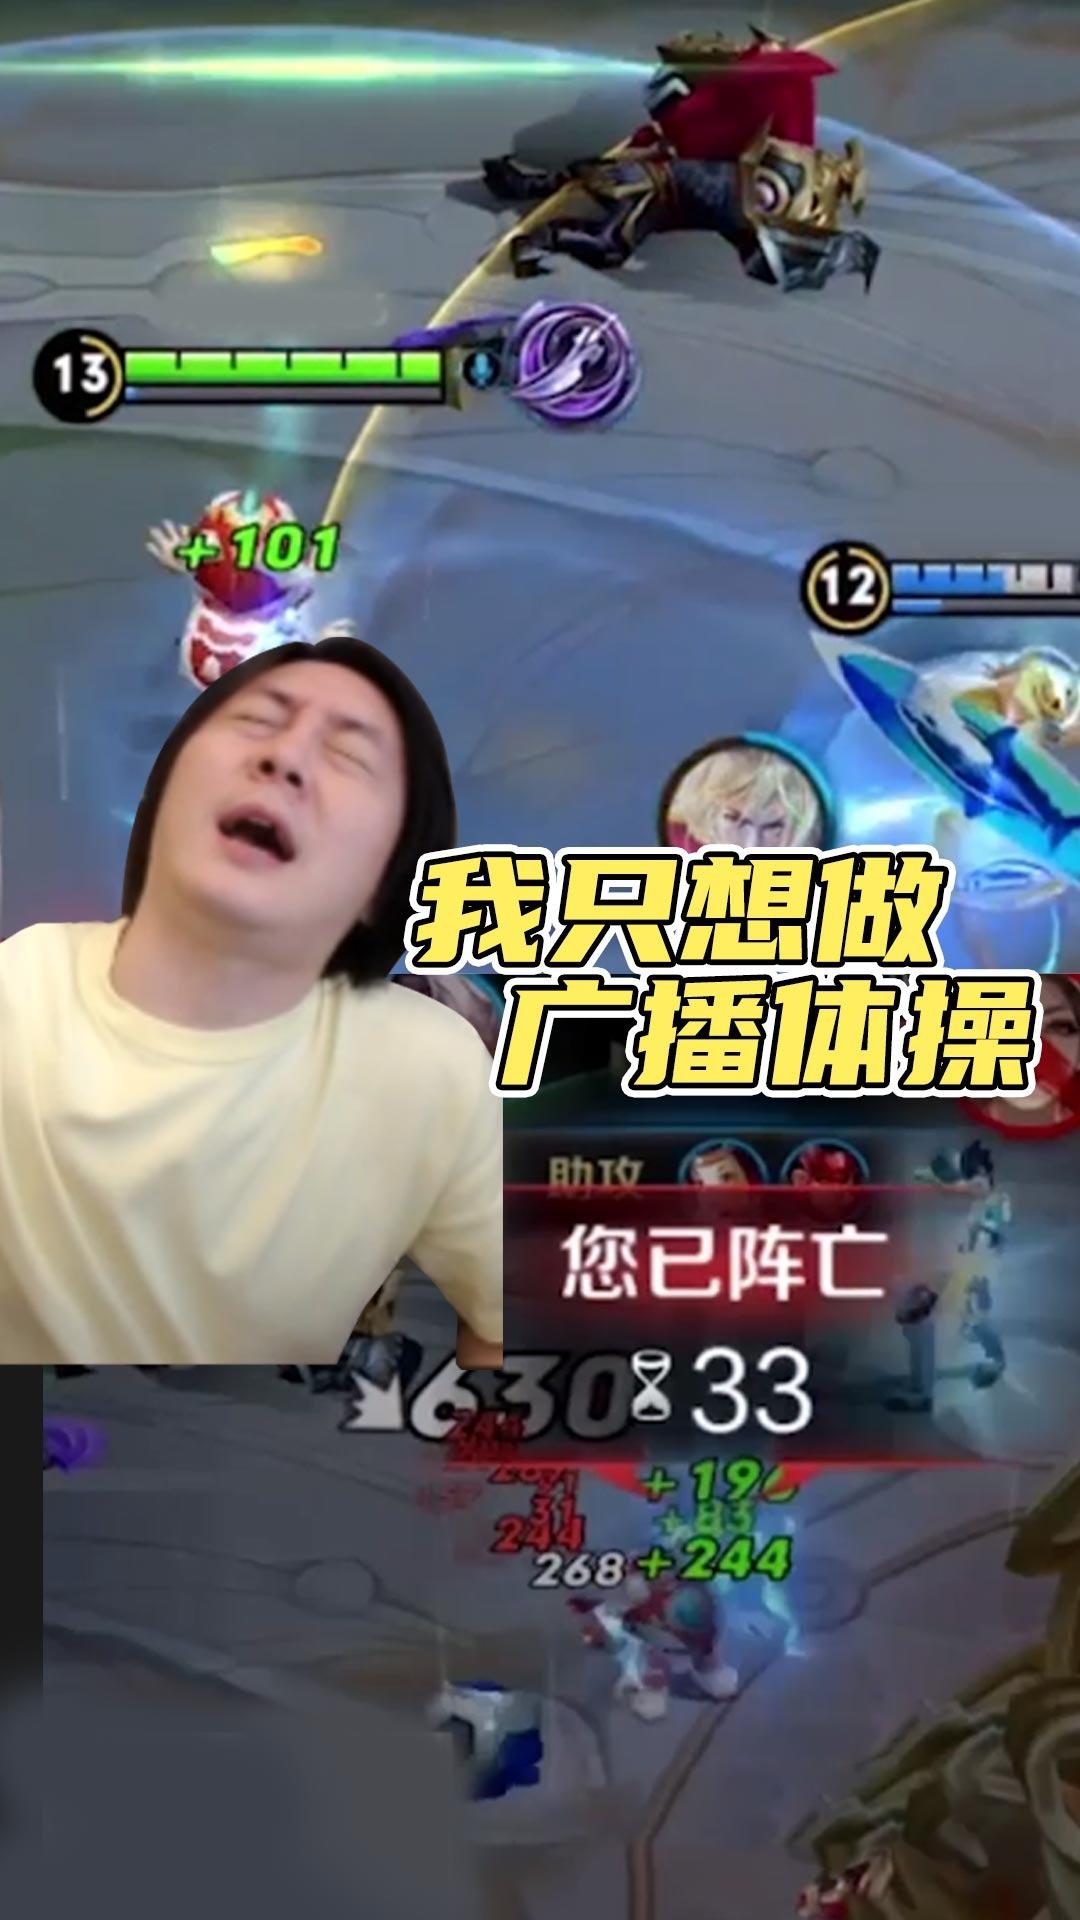 张大仙:小鲁班在高地广播体操,然而敌方手段十分残忍!